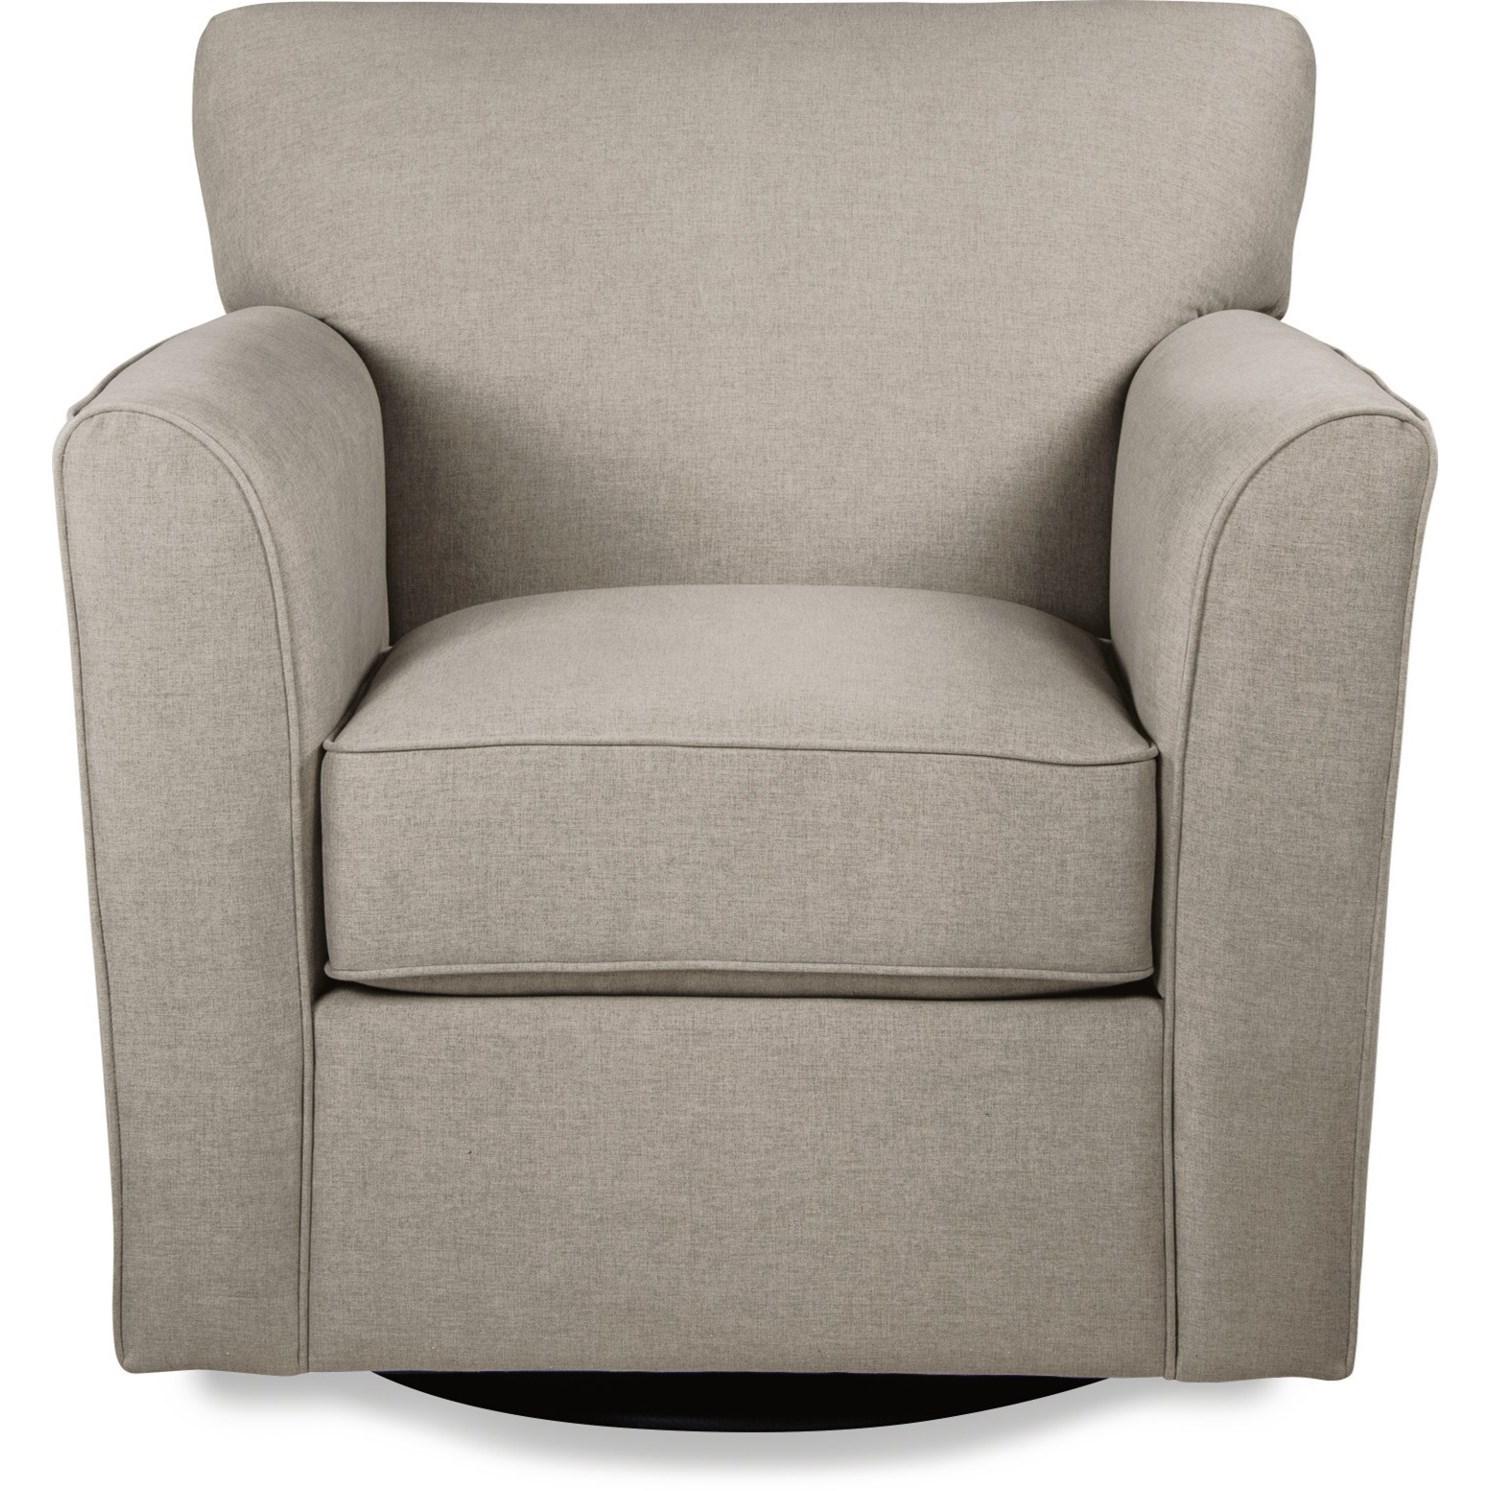 Charmant La Z Boy ChairsAllegra Premier Swivel Occasional Chair ...